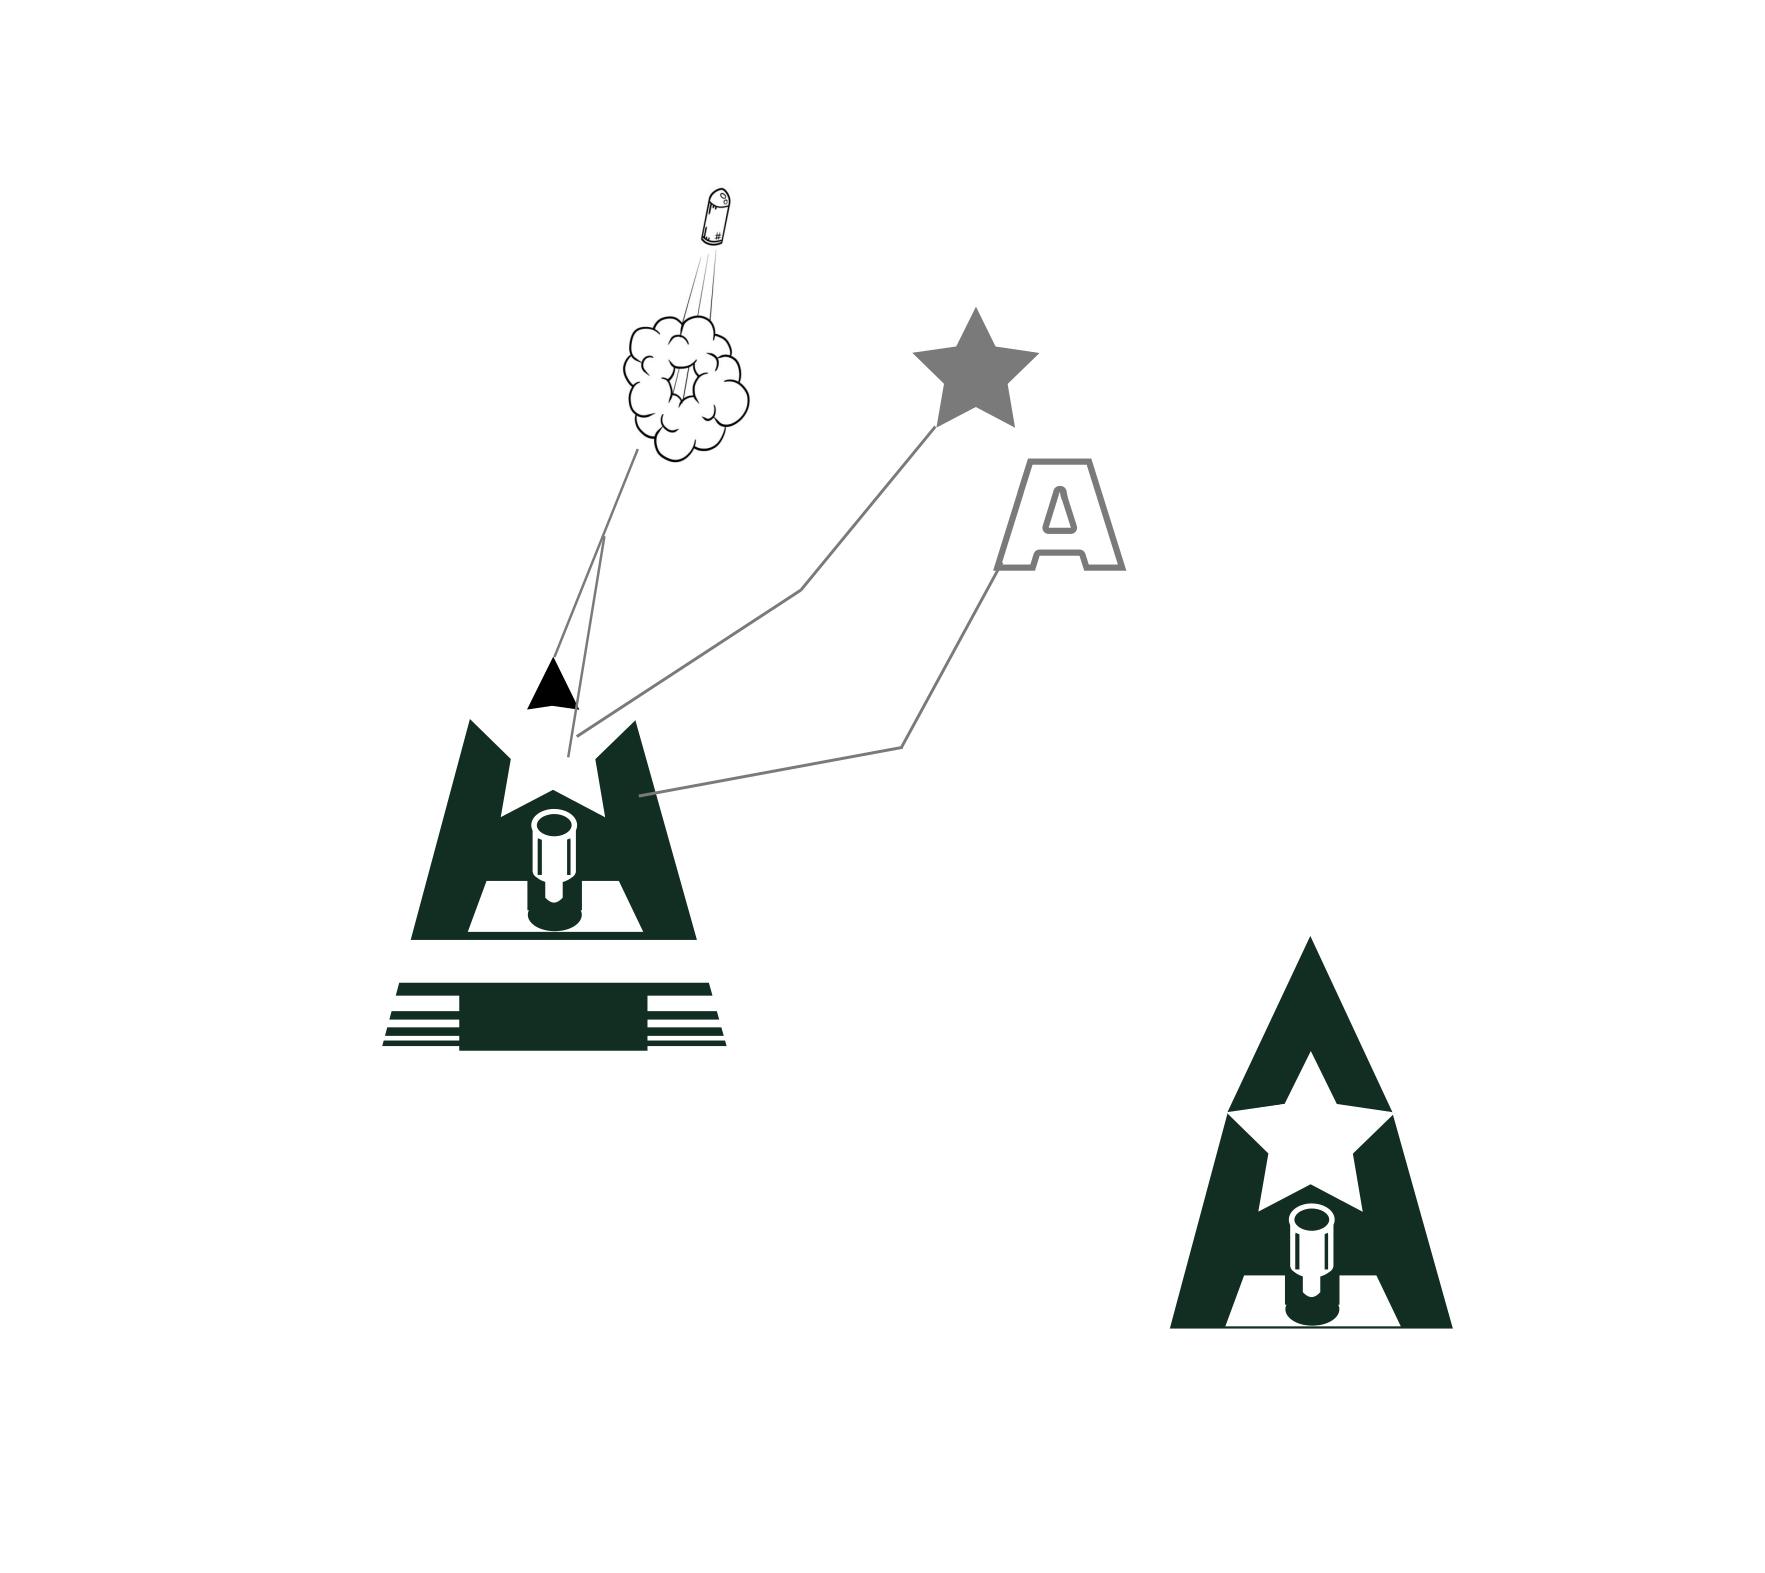 Разработка логотипа для компании военной тематики фото f_5886021850185c95.png